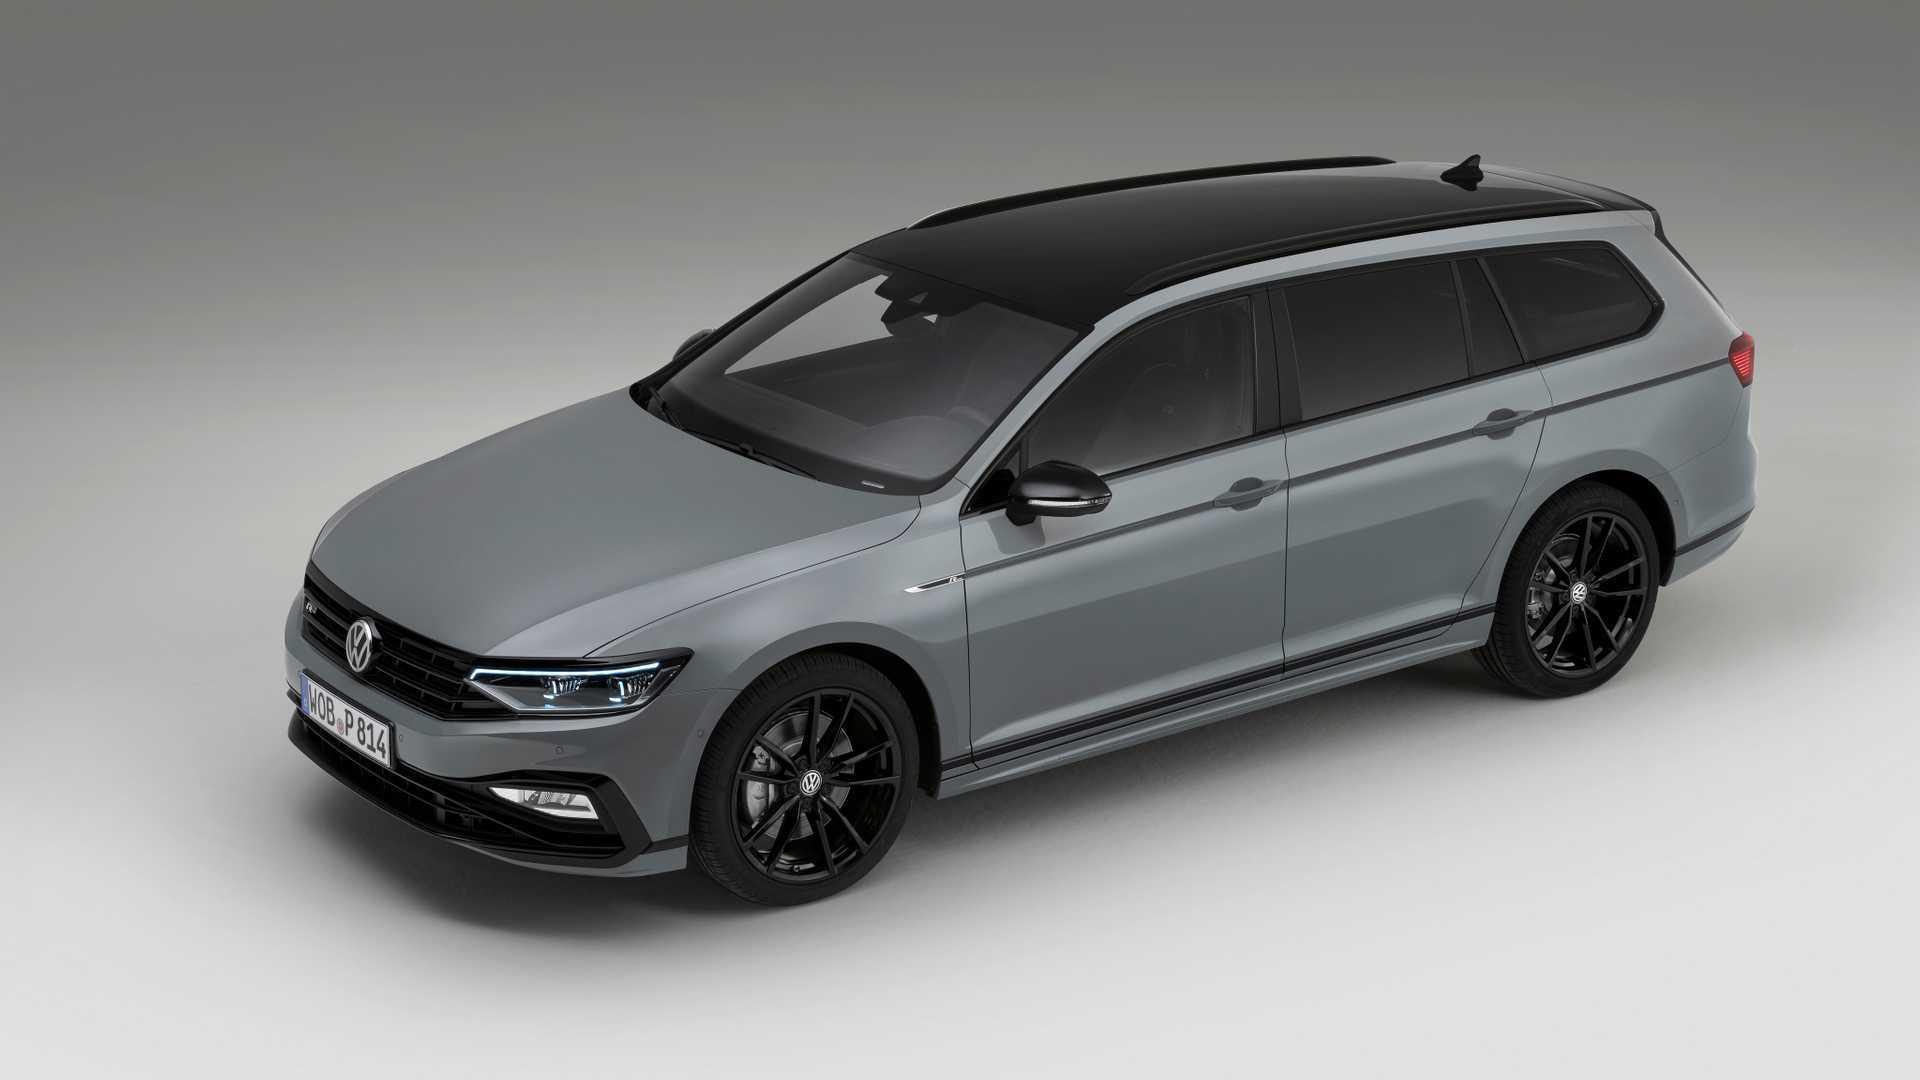 2019 - [Volkswagen] Passat restylée - Page 4 2019-vw-passat-variant-r-line-edition